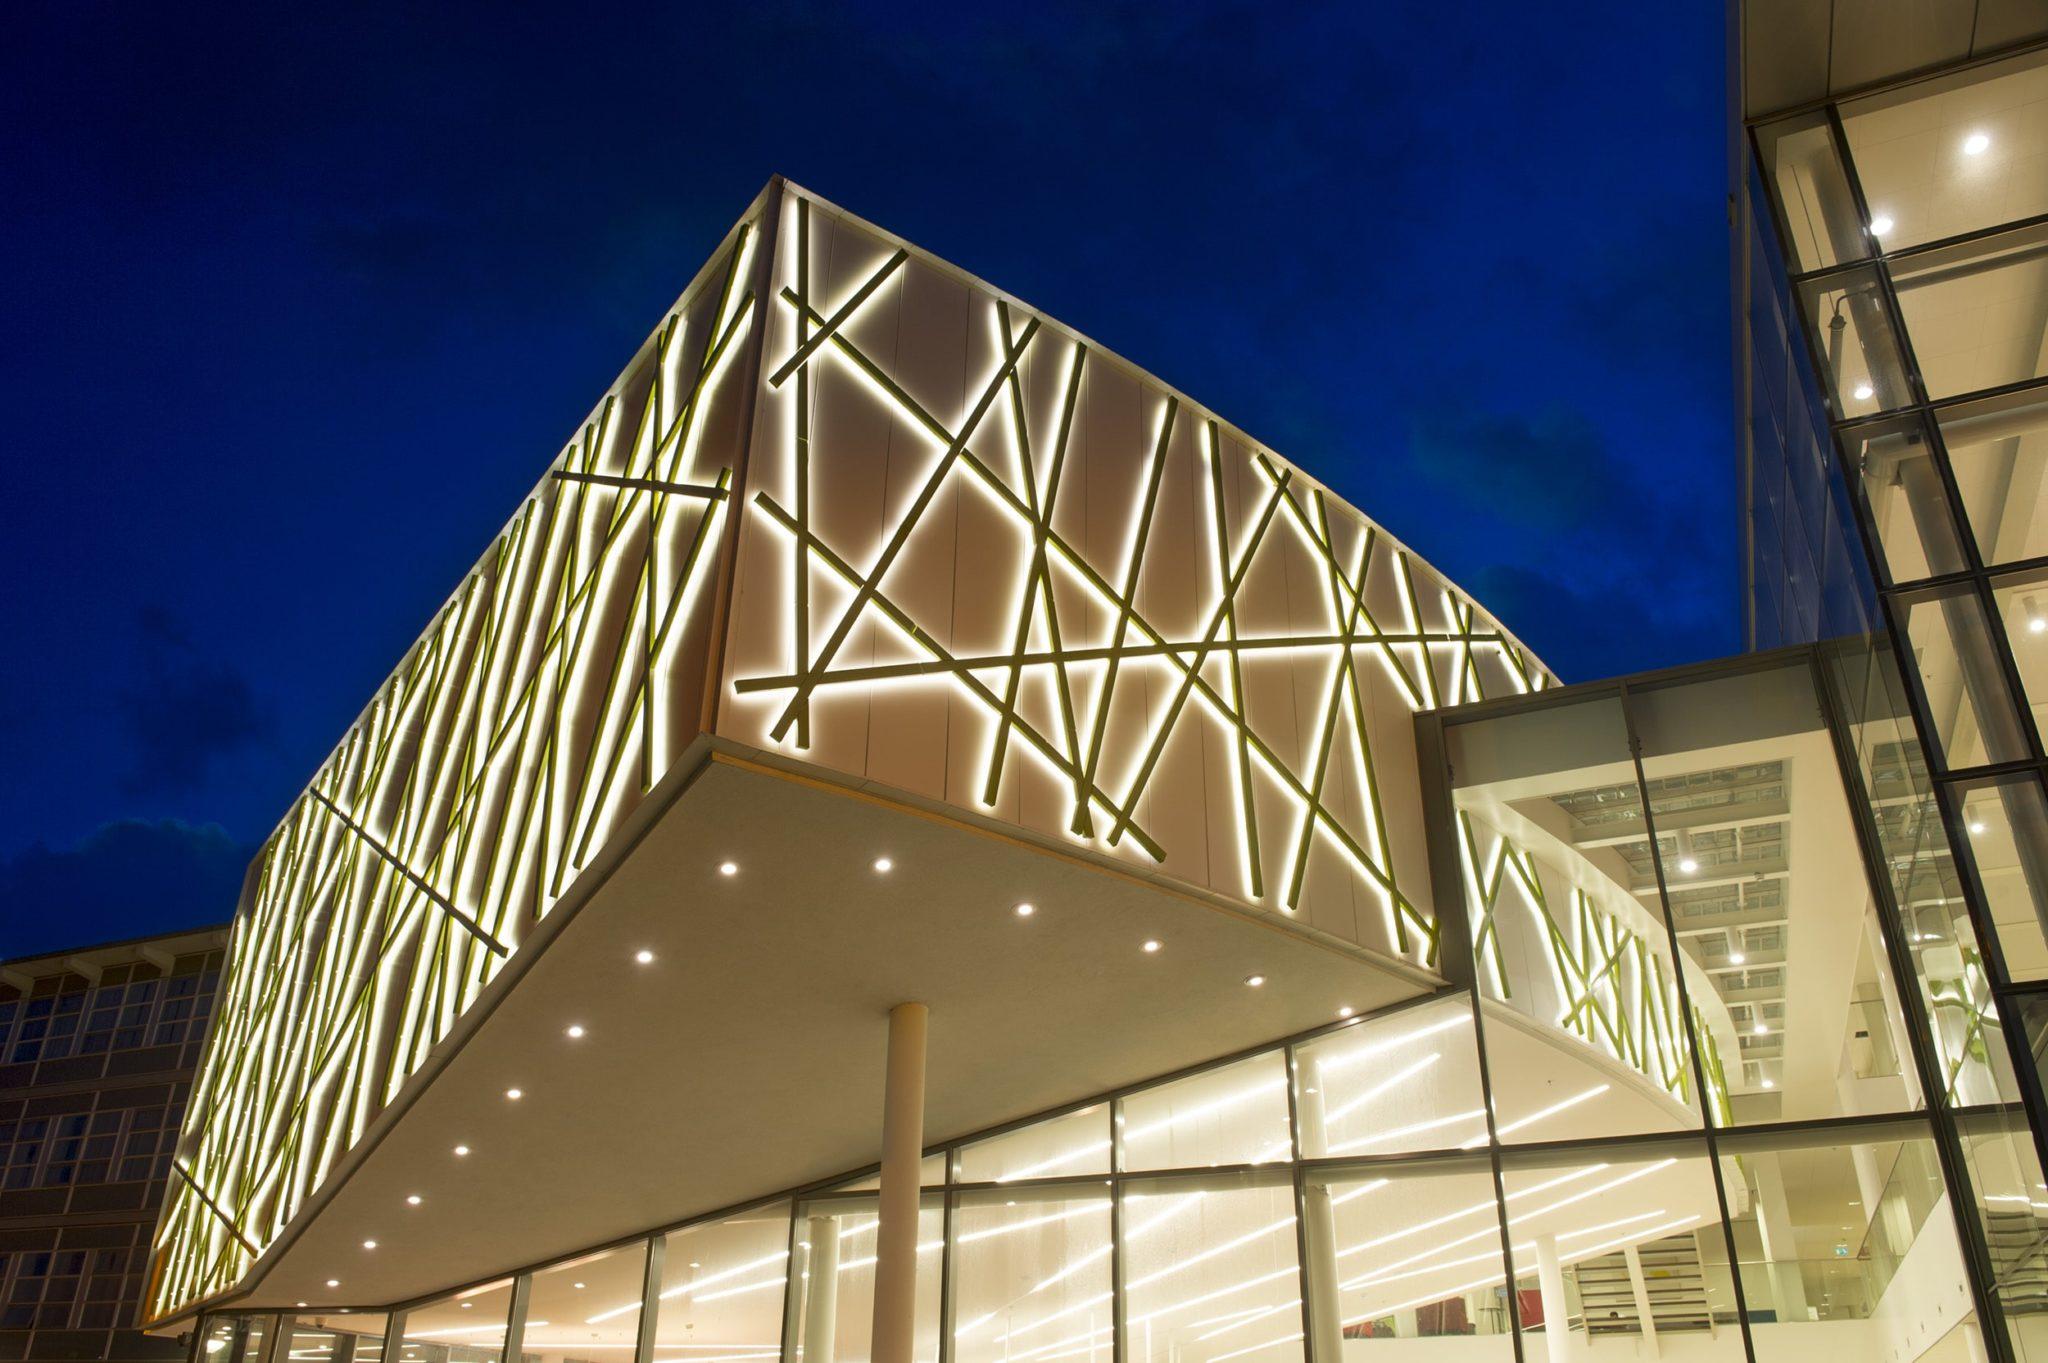 اصول و ضوابط نورپردازی نمای ساختمان ostovarsazan.com